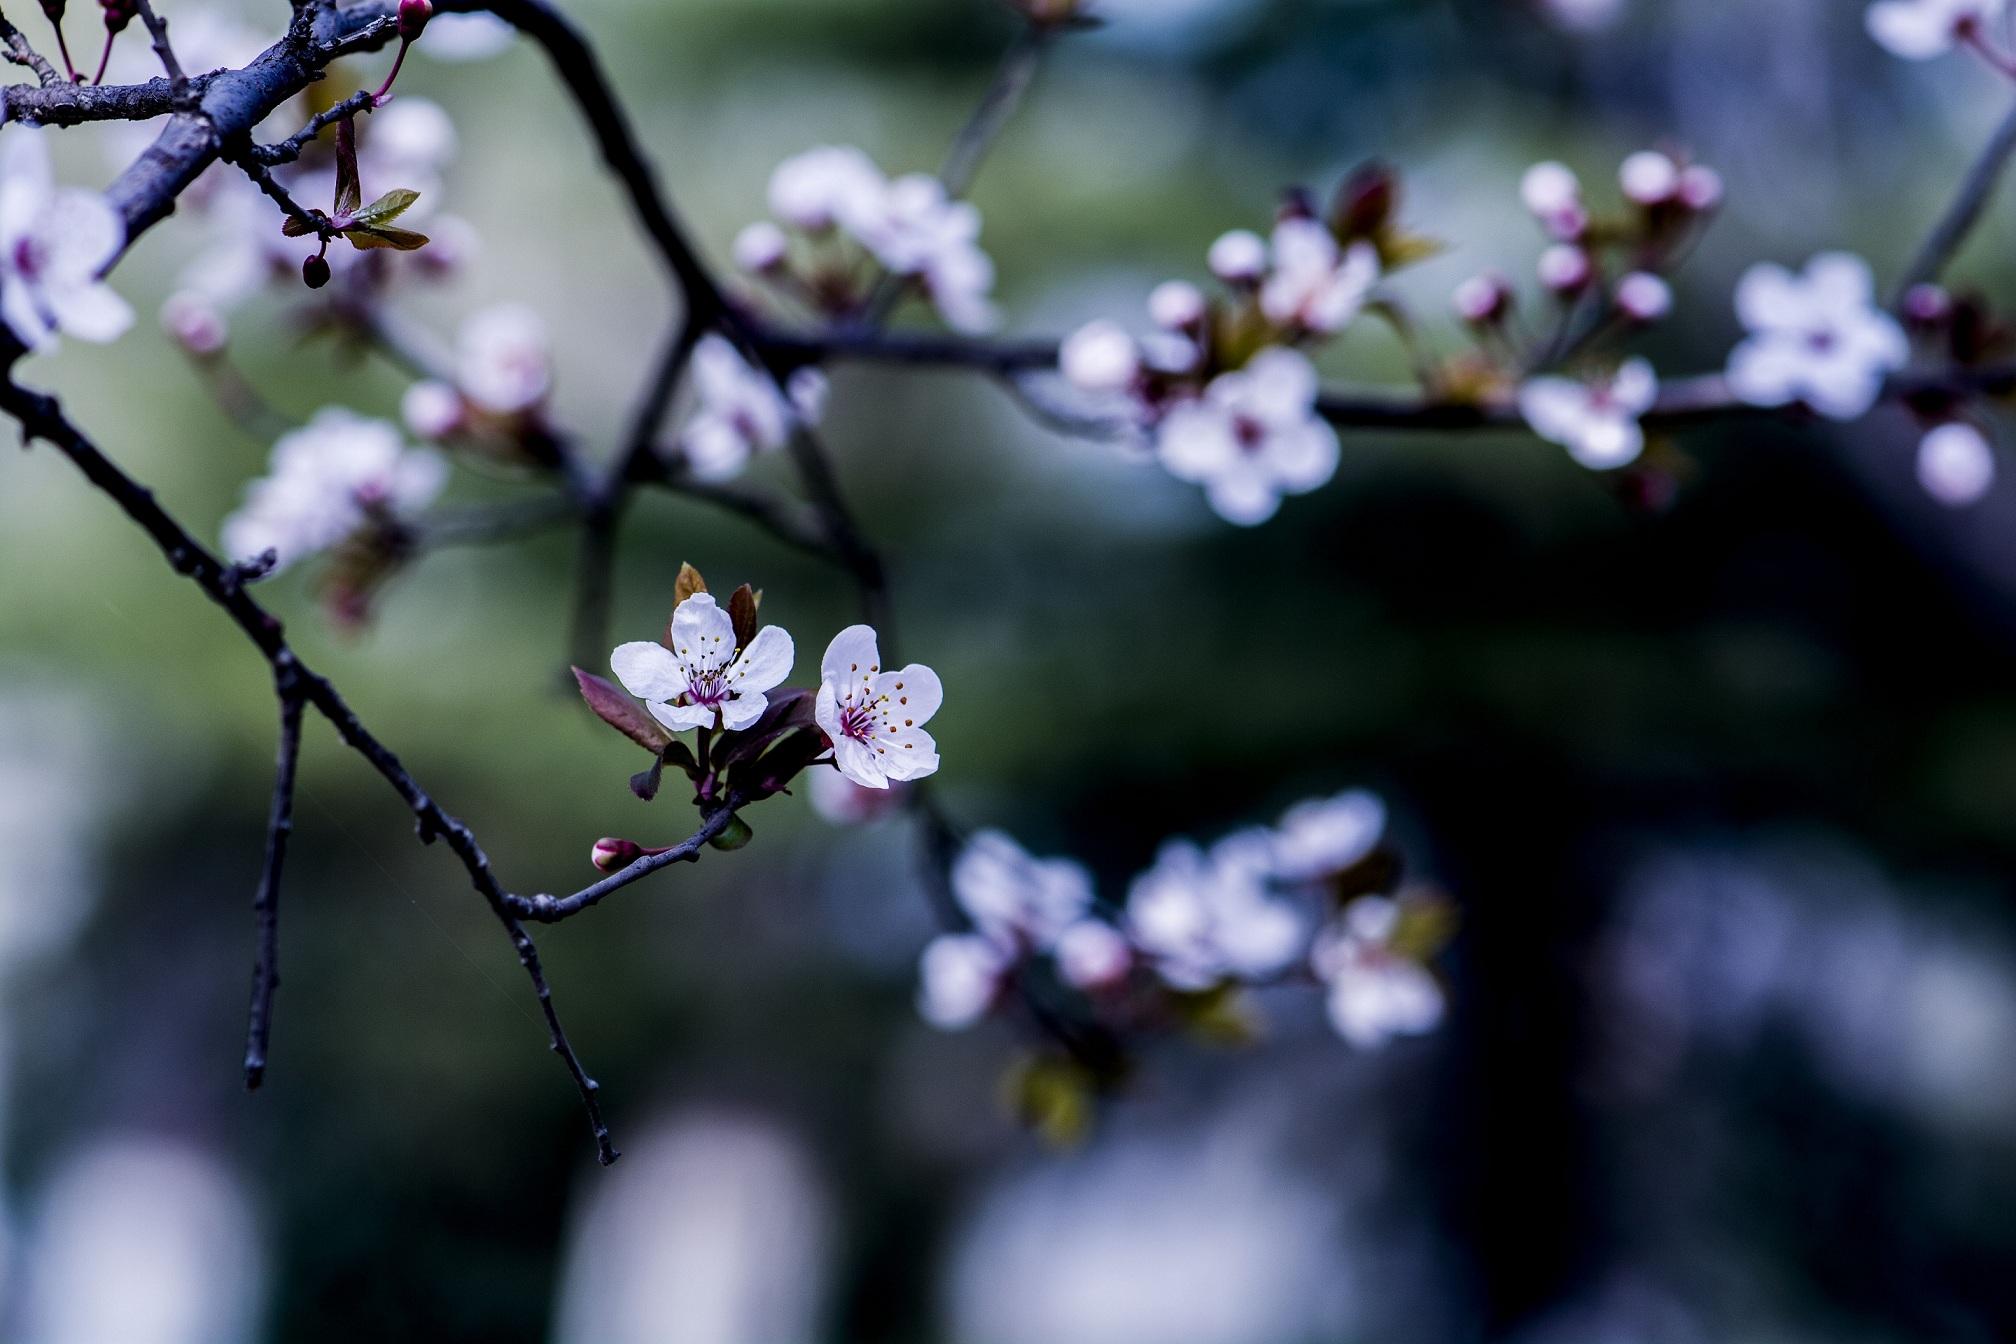 定焦手作品:早春